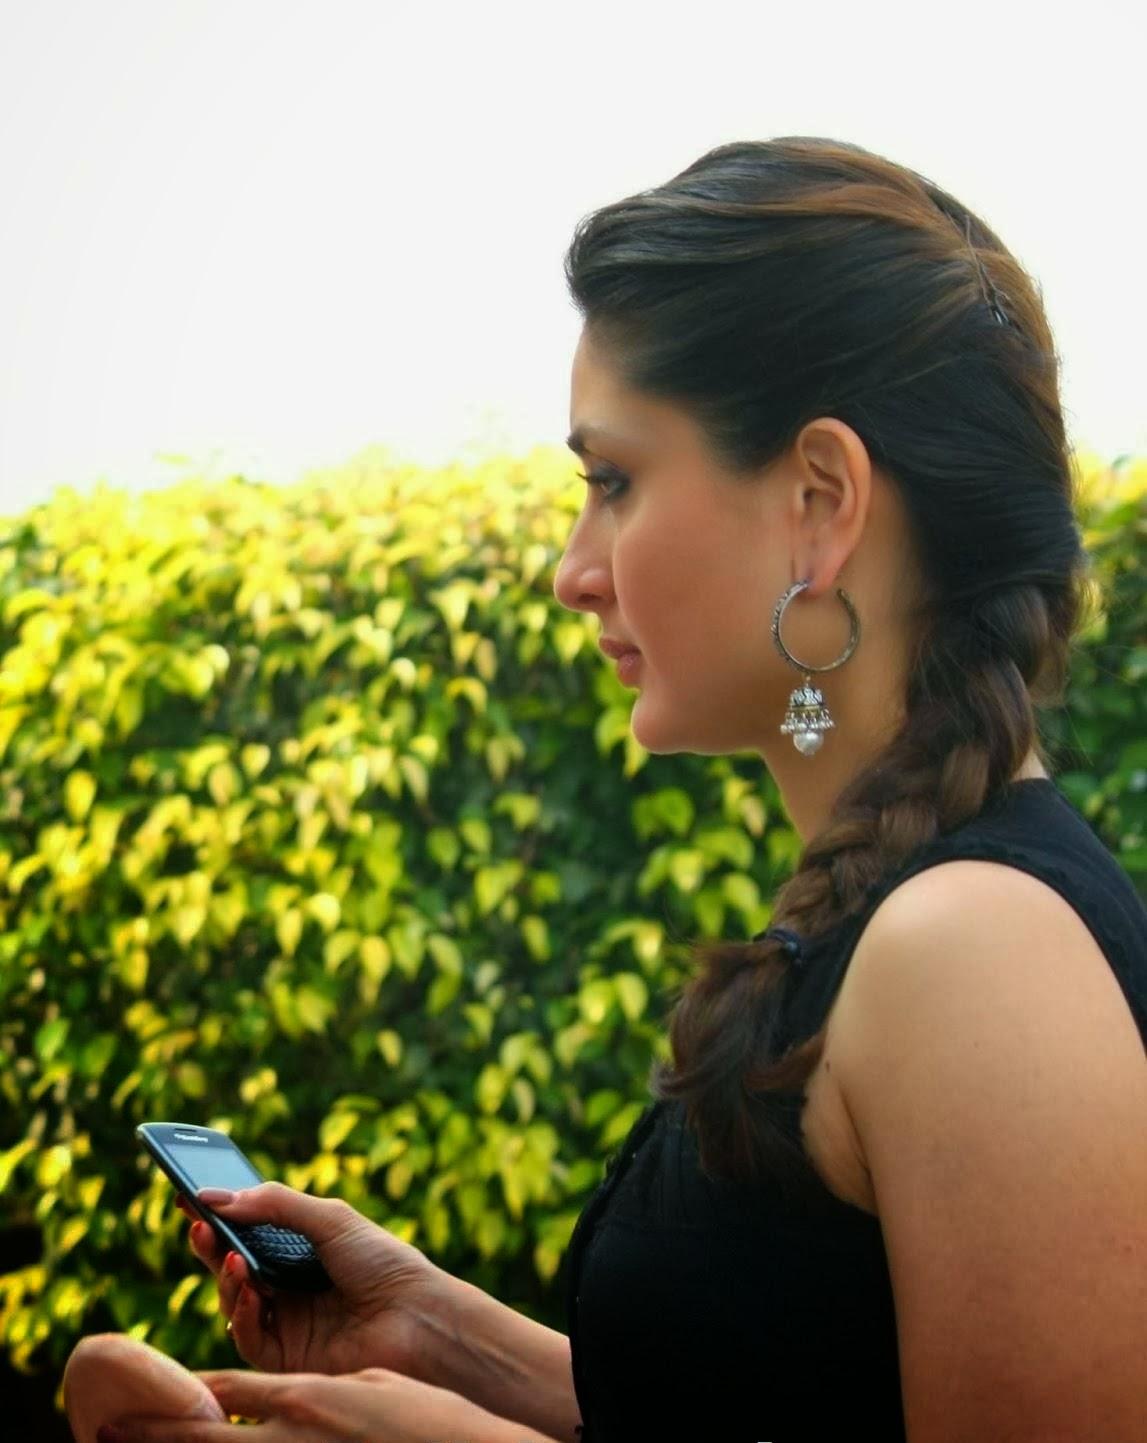 Kareena Kapoor on mobile